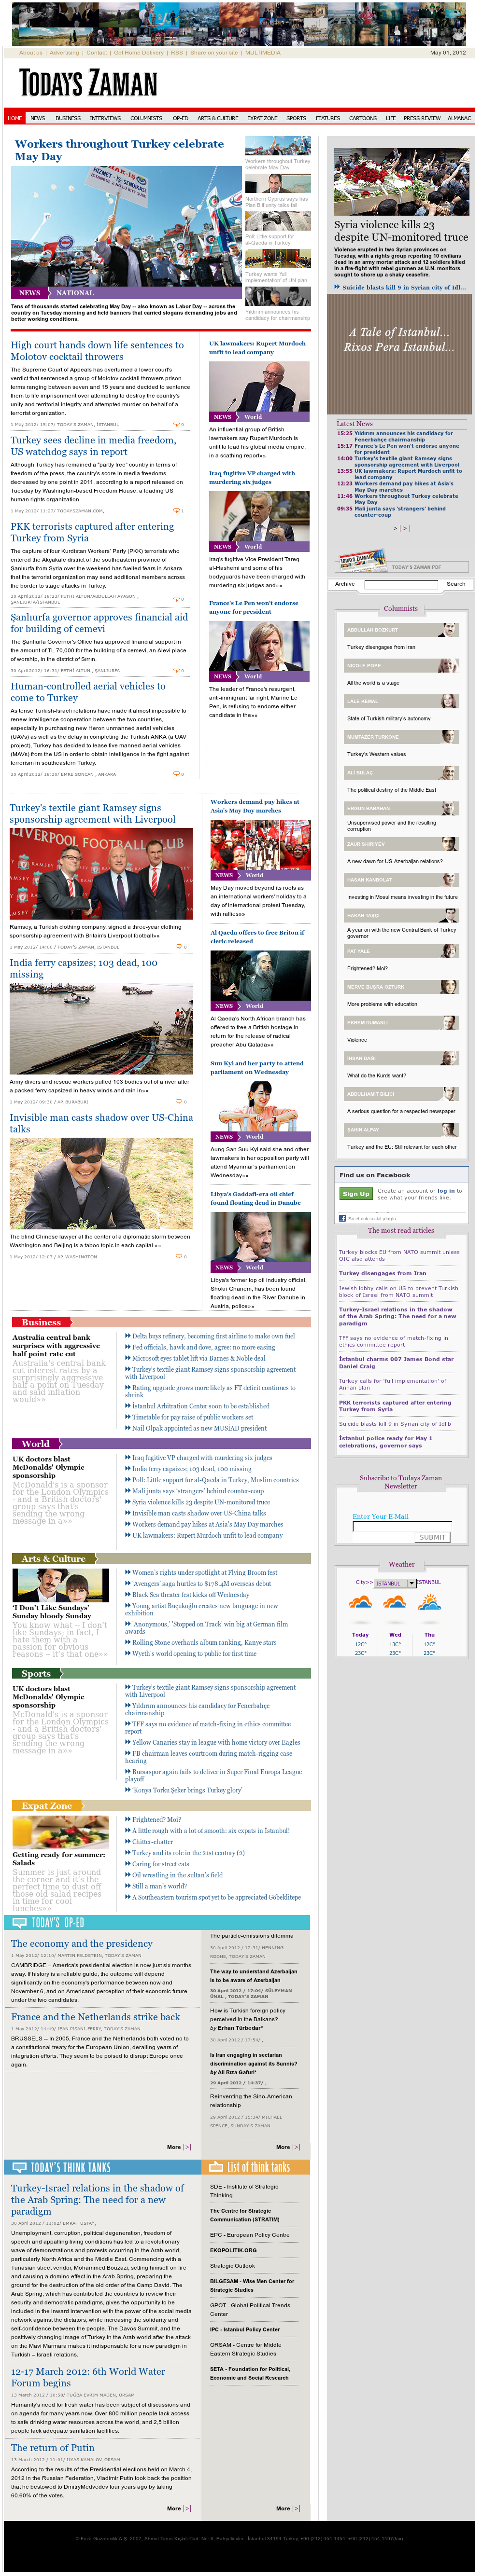 Zaman Online at Tuesday May 1, 2012, 1:17 p.m. UTC